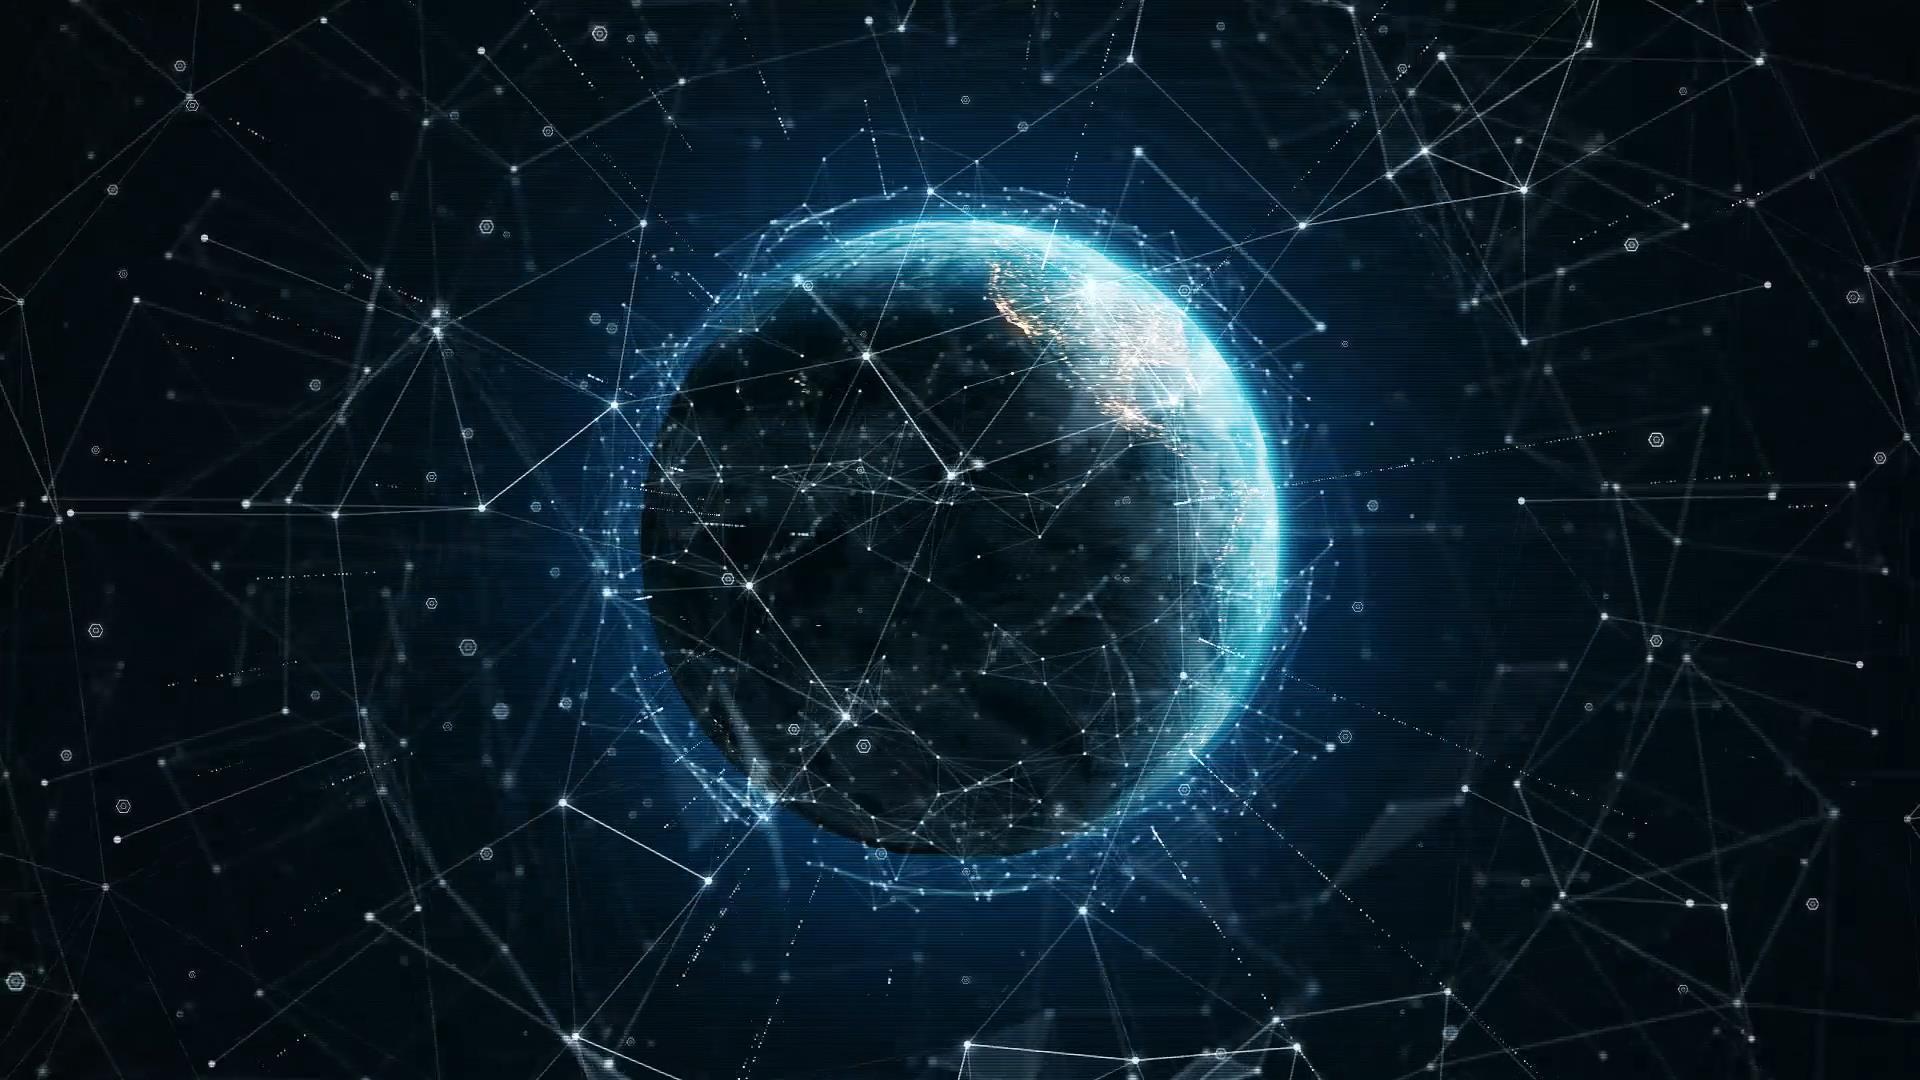 La libertà di informazione in Internet sembra avviata ad un processo radicale di revisione in nome della sicurezza e della sovranità nazionale - Internet 1920x1080